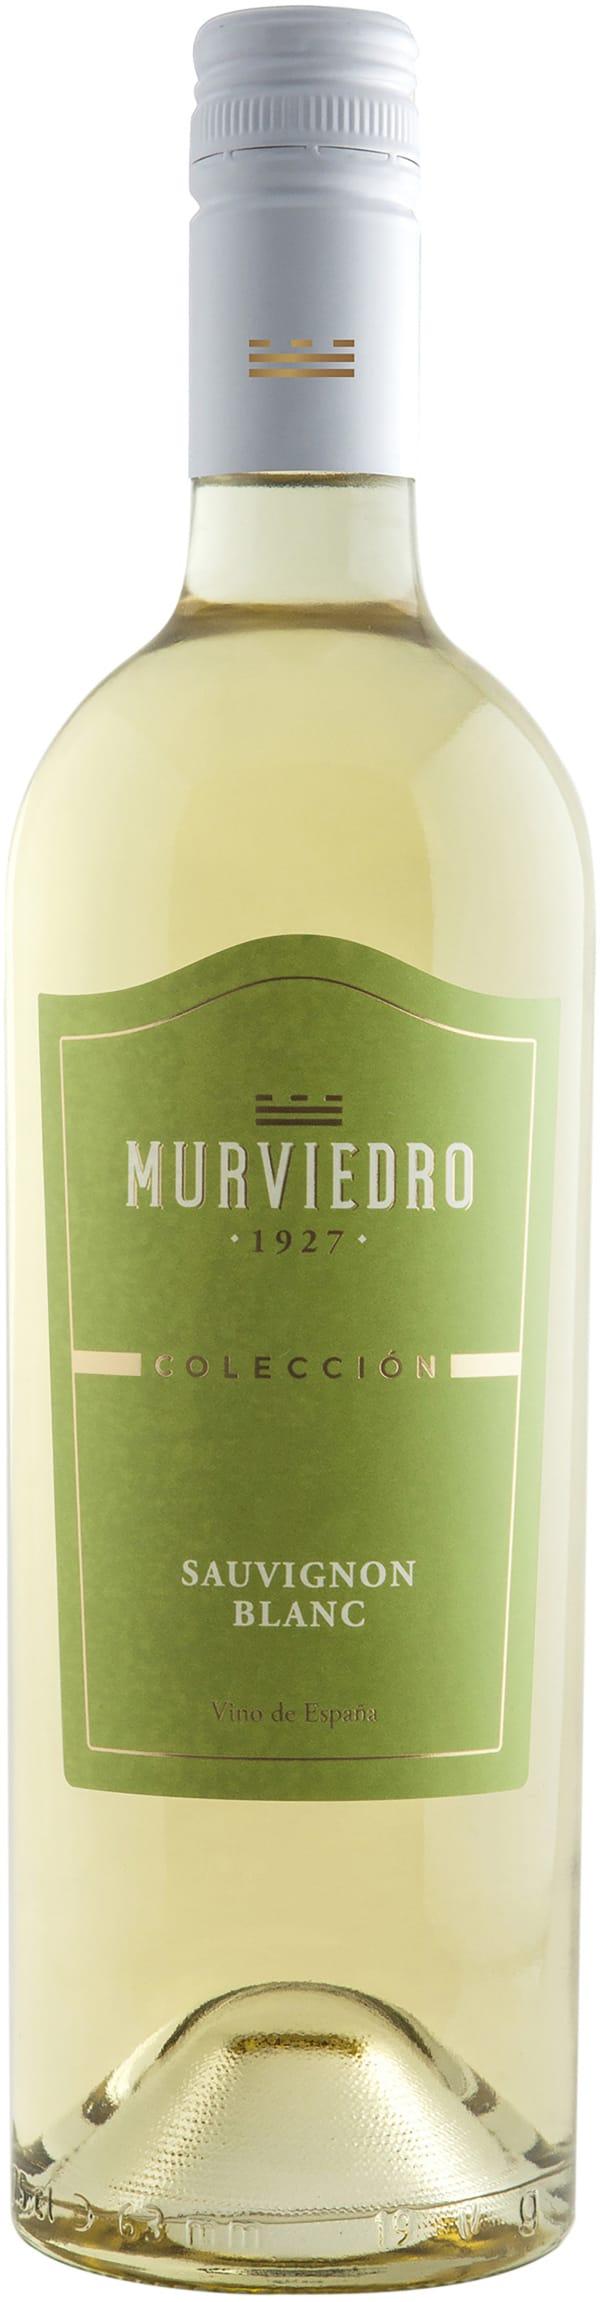 Murviedro Colección Sauvignon Blanc 2016